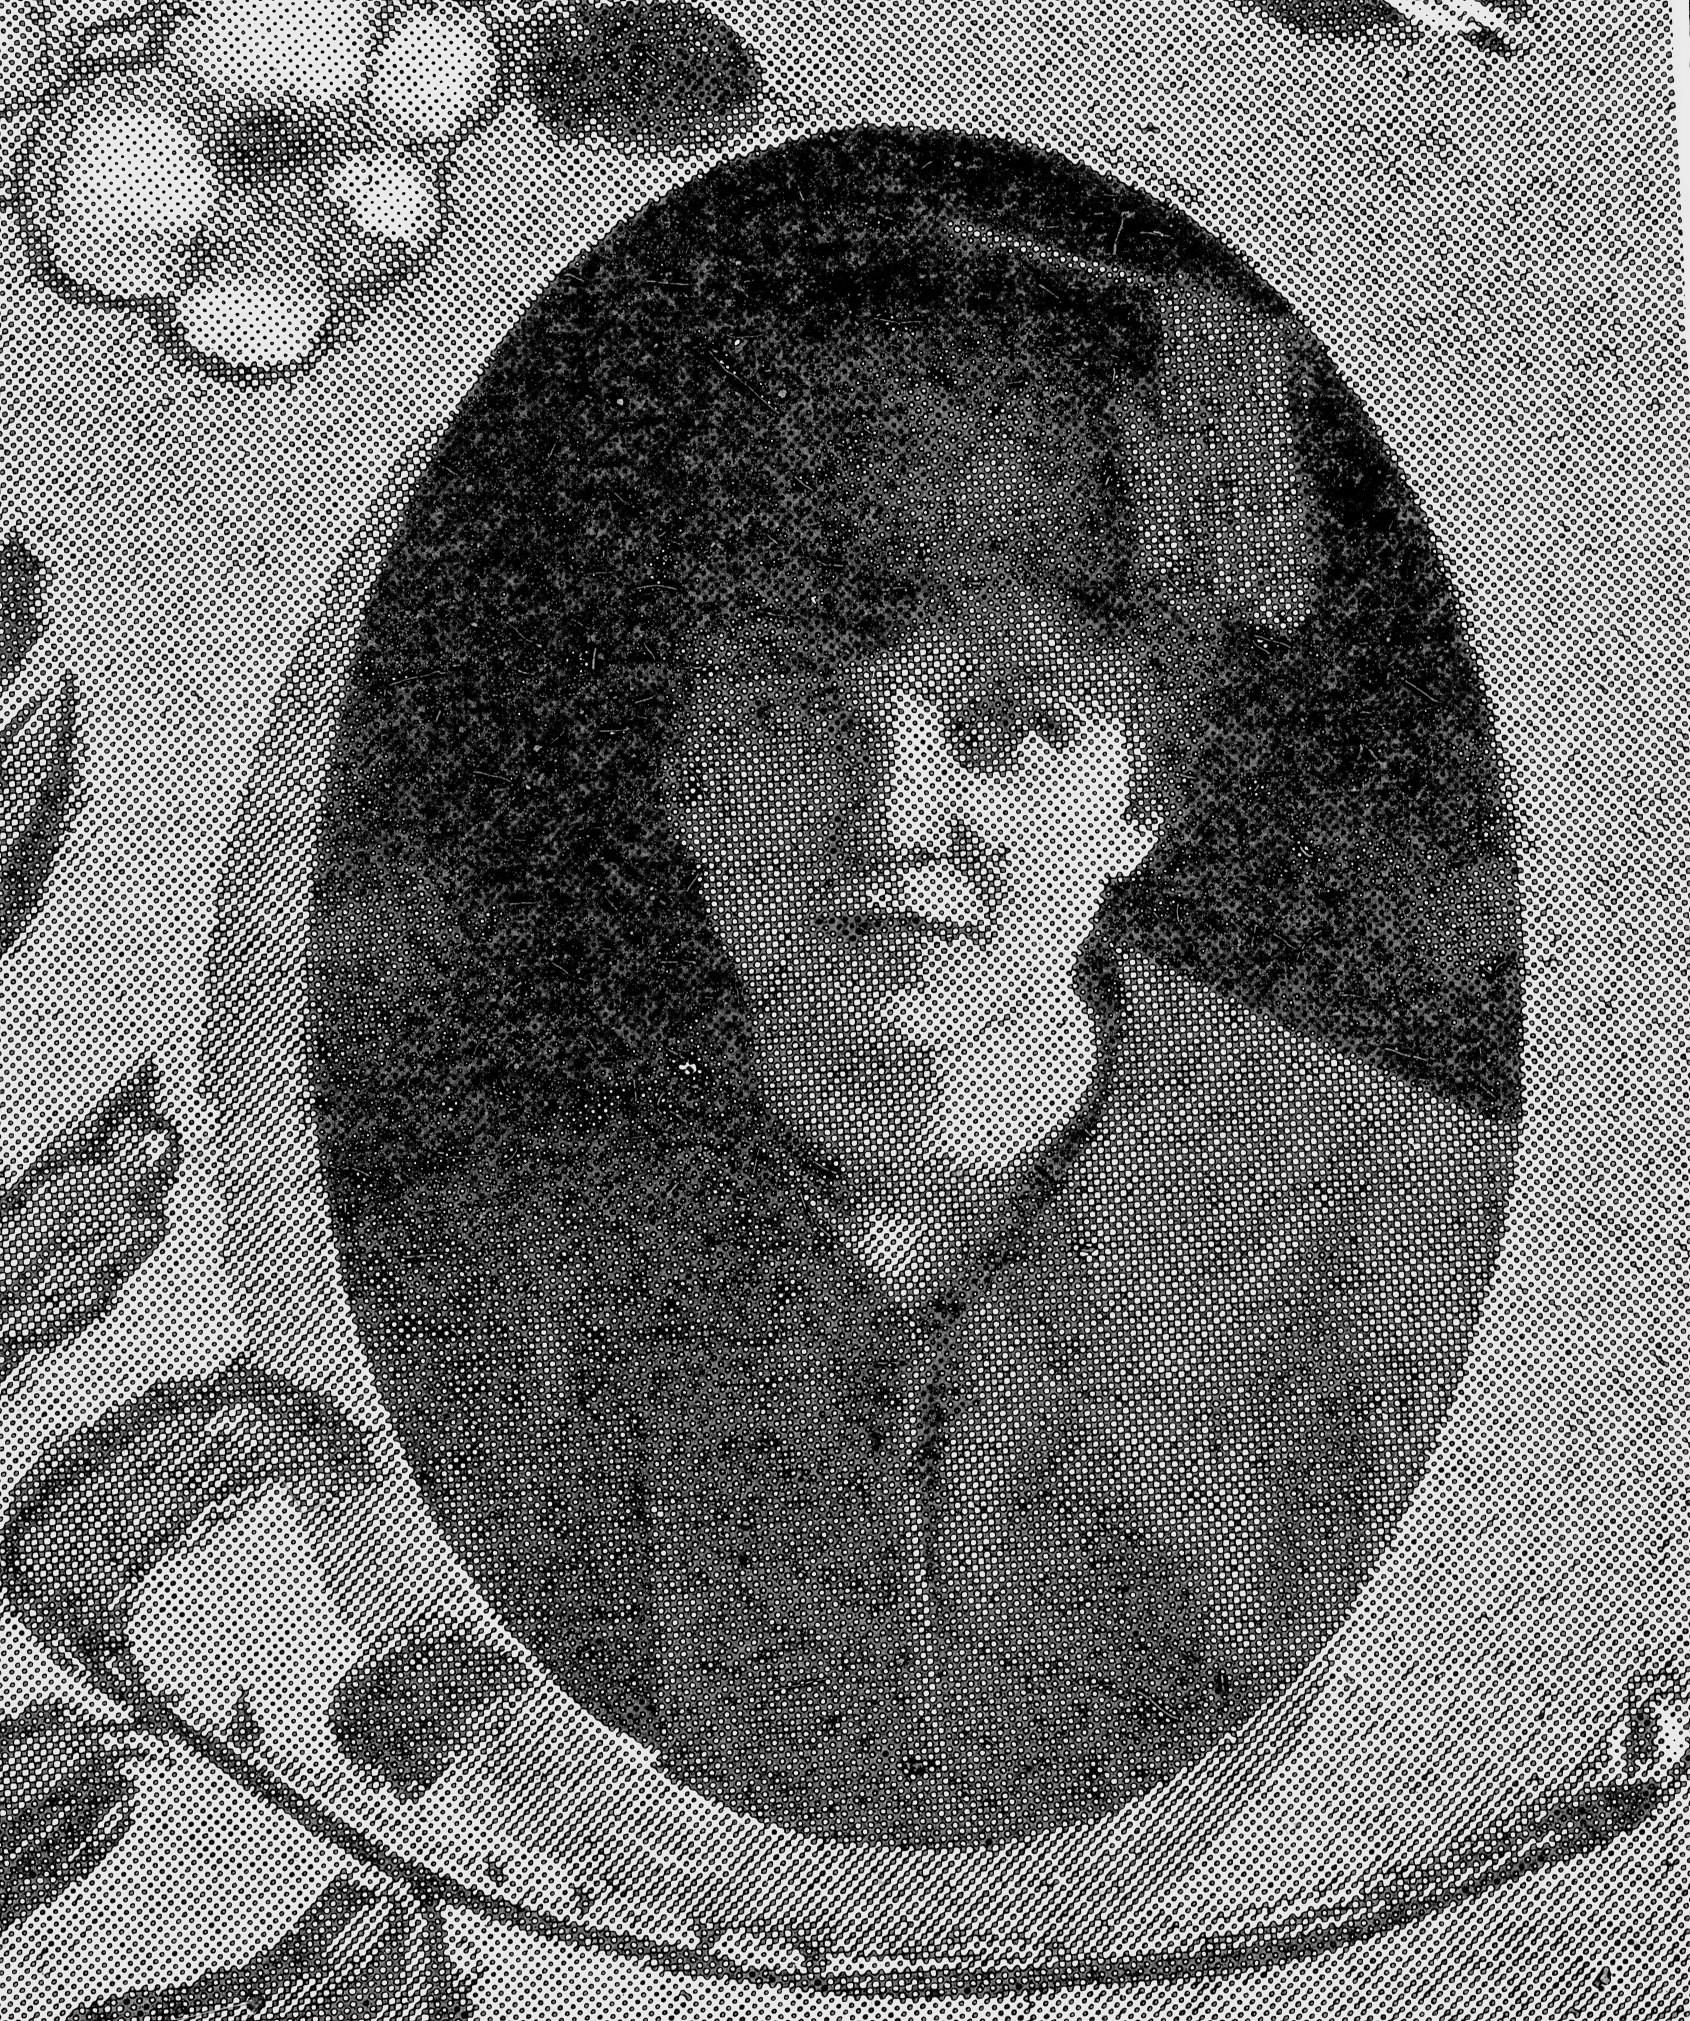 Della Marie Barger